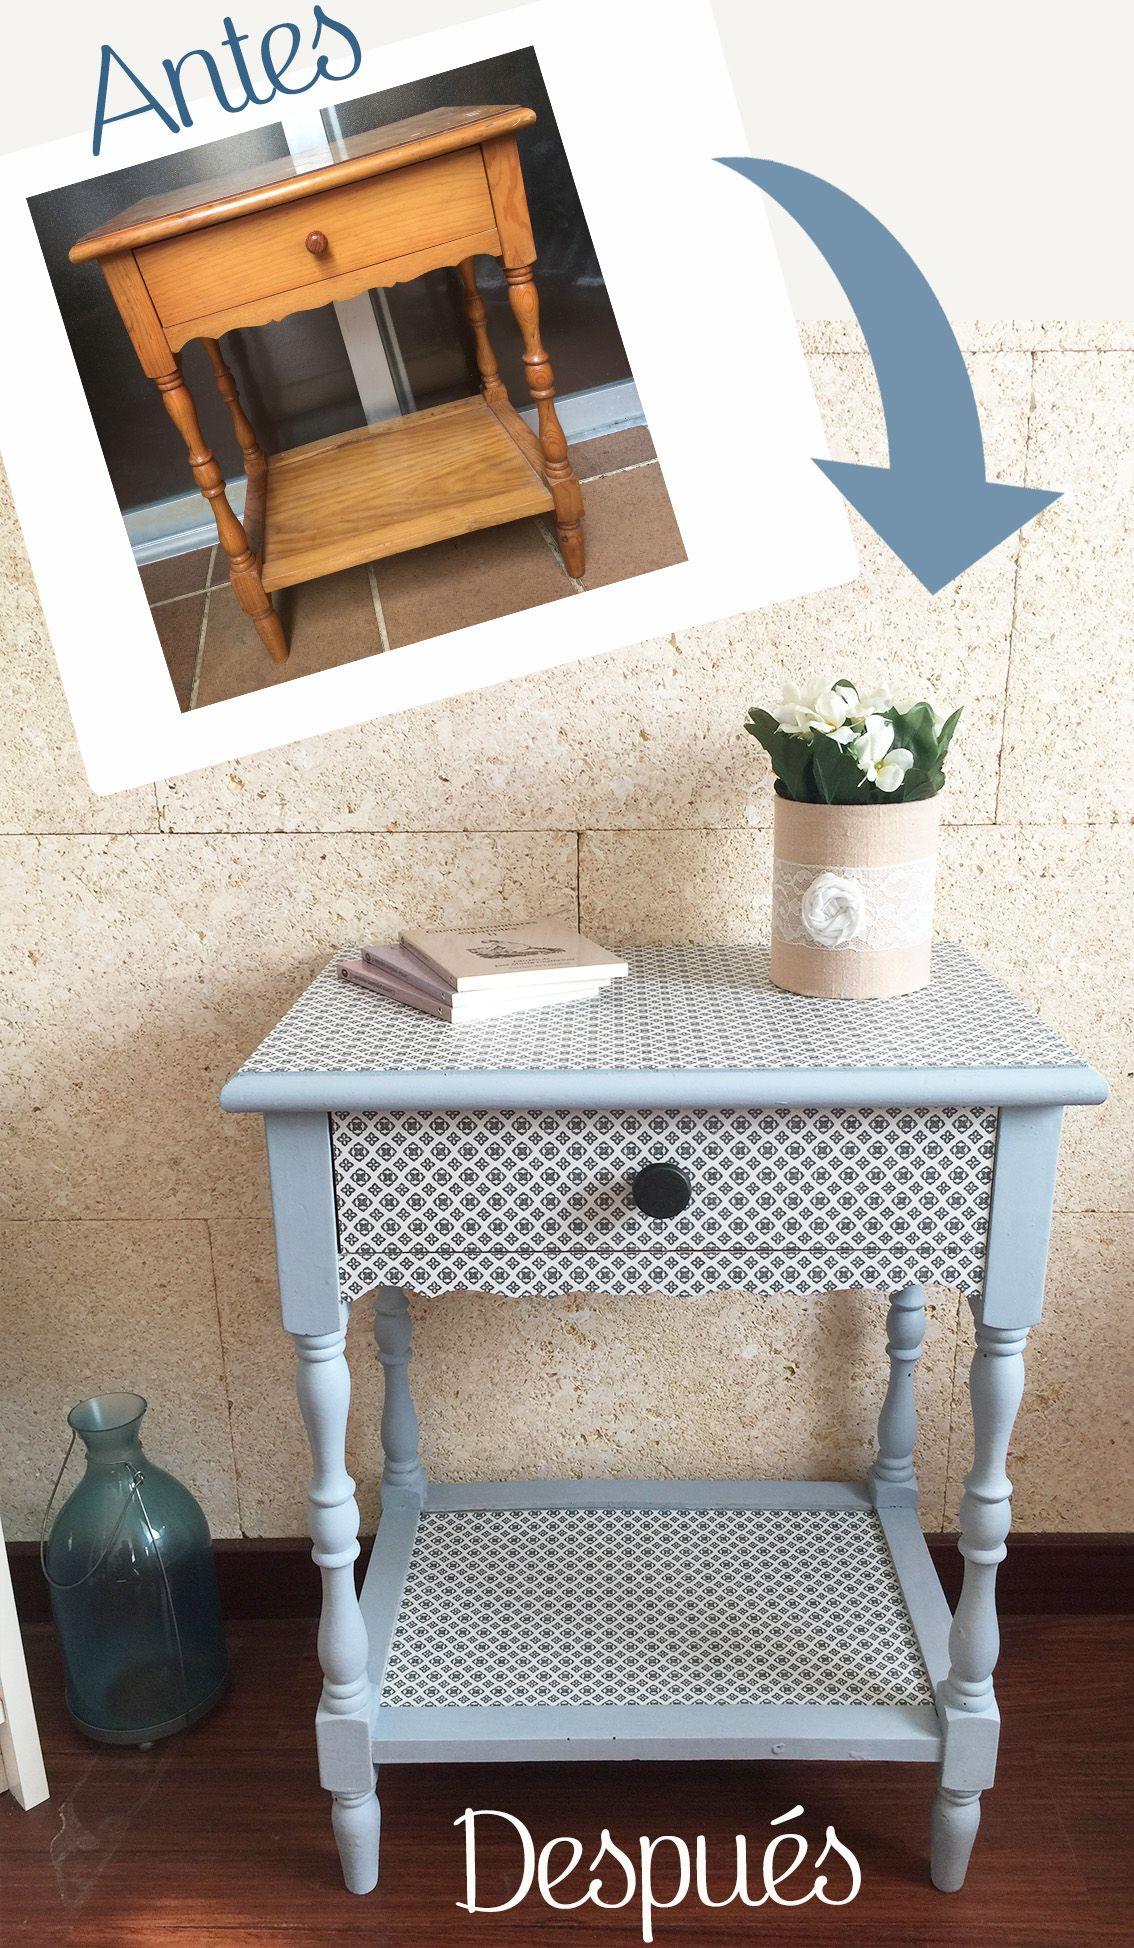 Transformar mobiliario con decoupage muebles pinterest - Transformar muebles antiguos en modernos ...